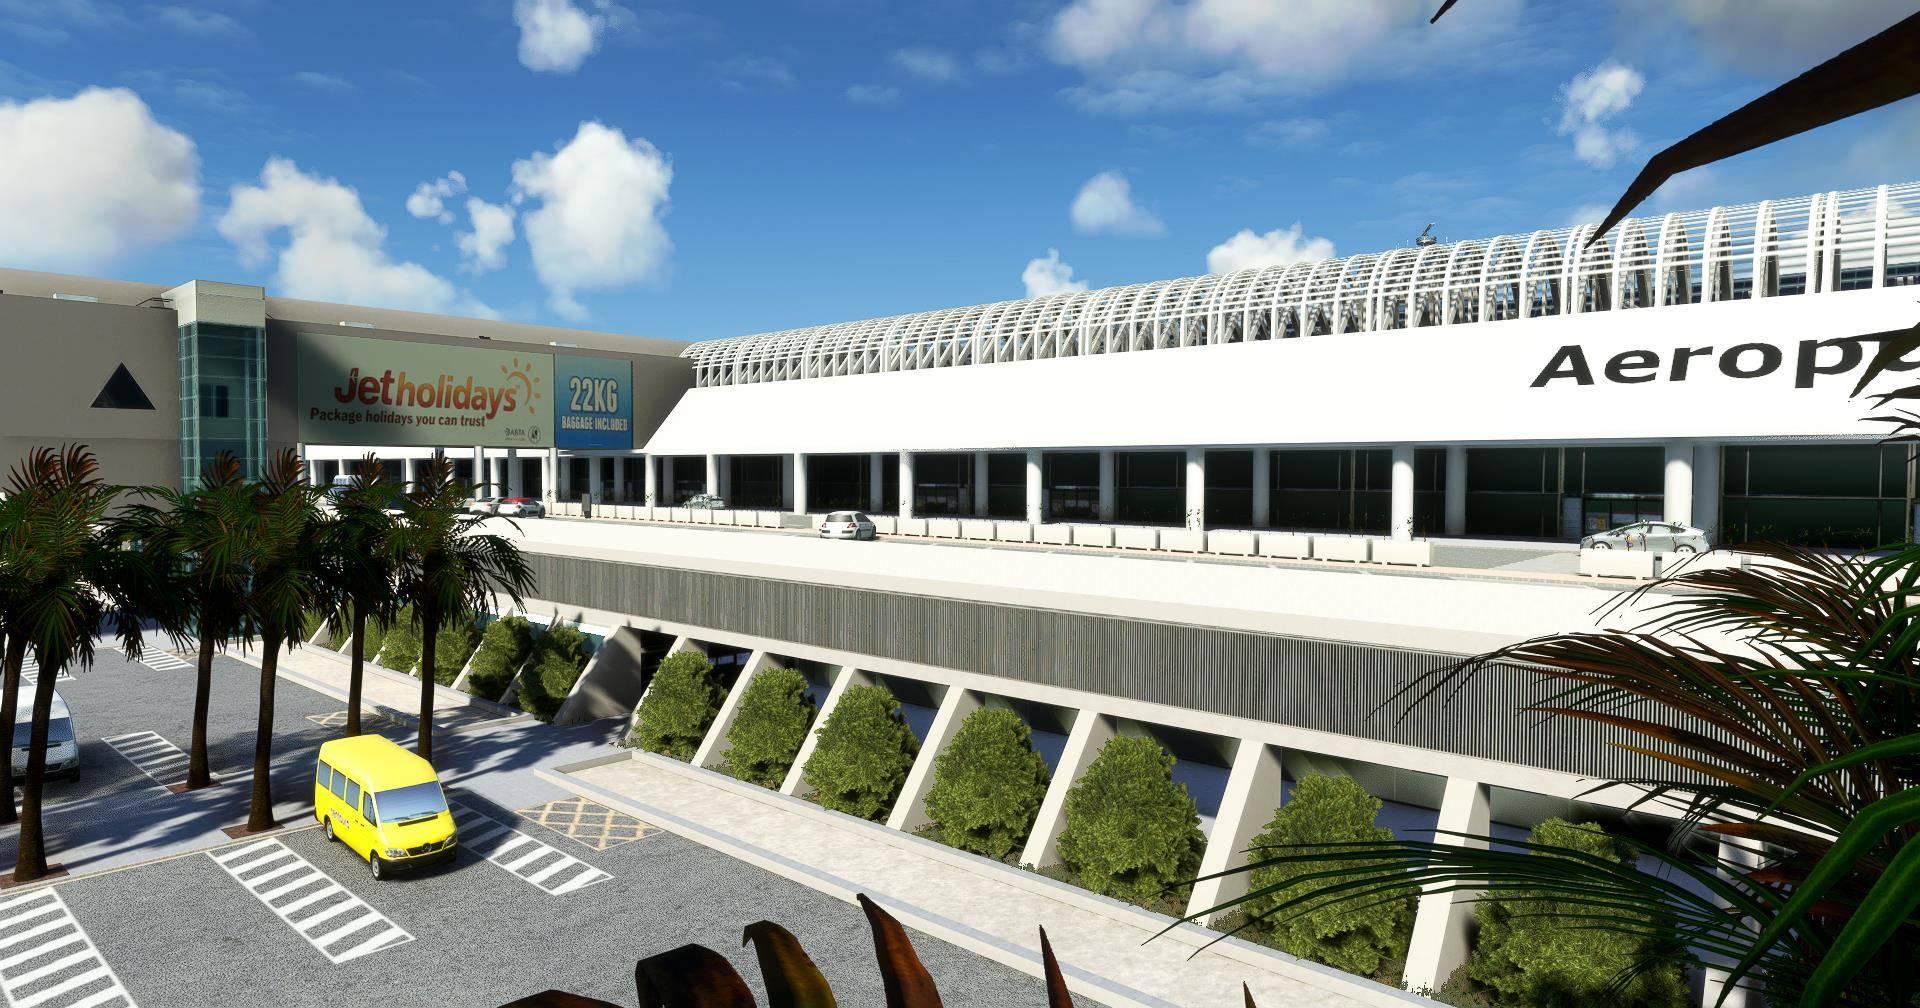 palma-de-mallorca-airport-microsoft-flight-simulator_49_ss_l_211008080125